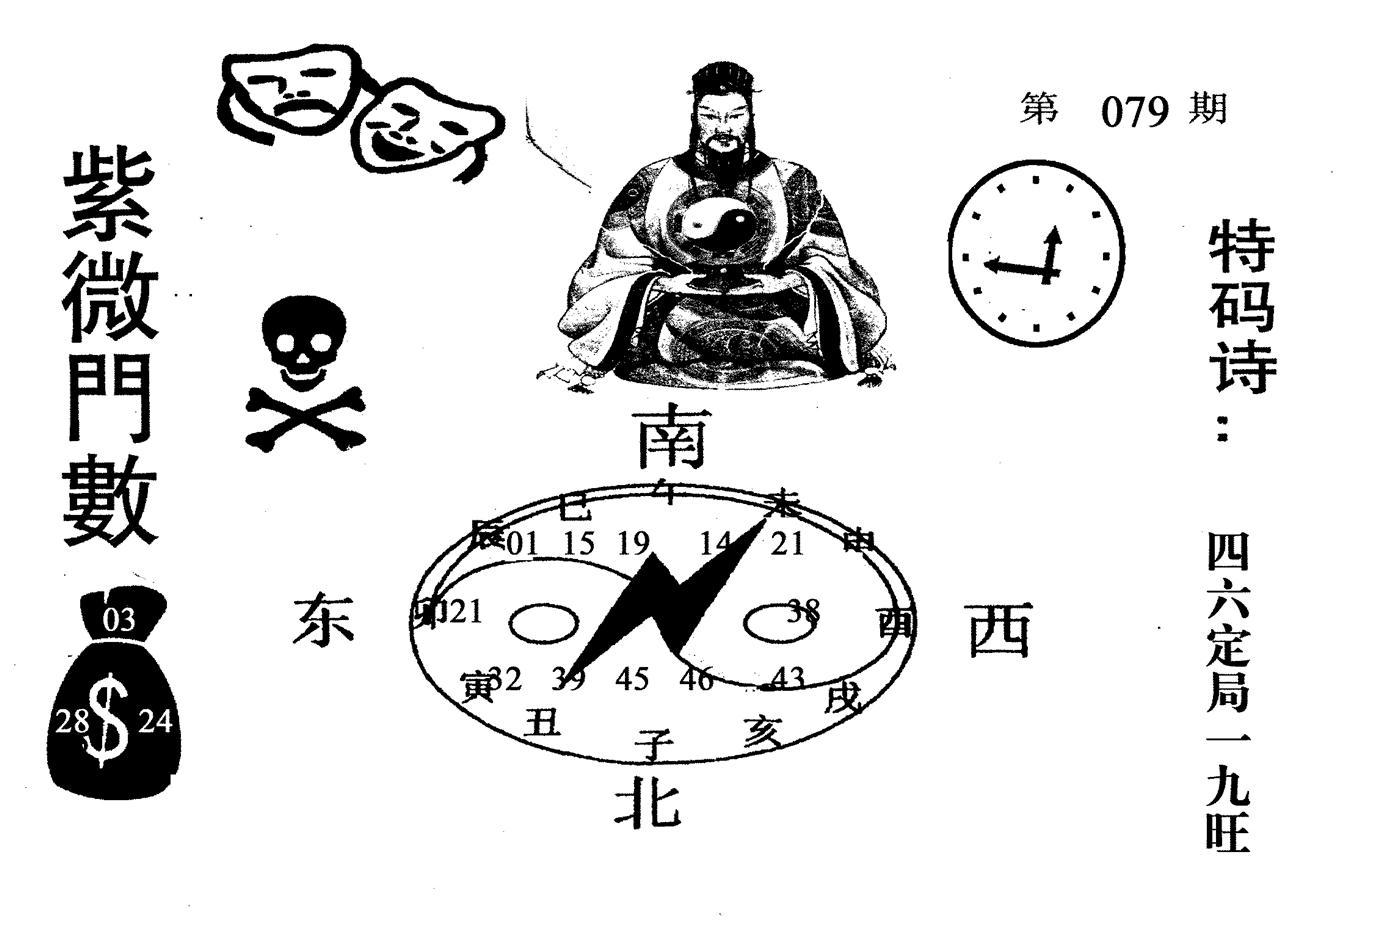 079期老版紫微倒数(黑白)